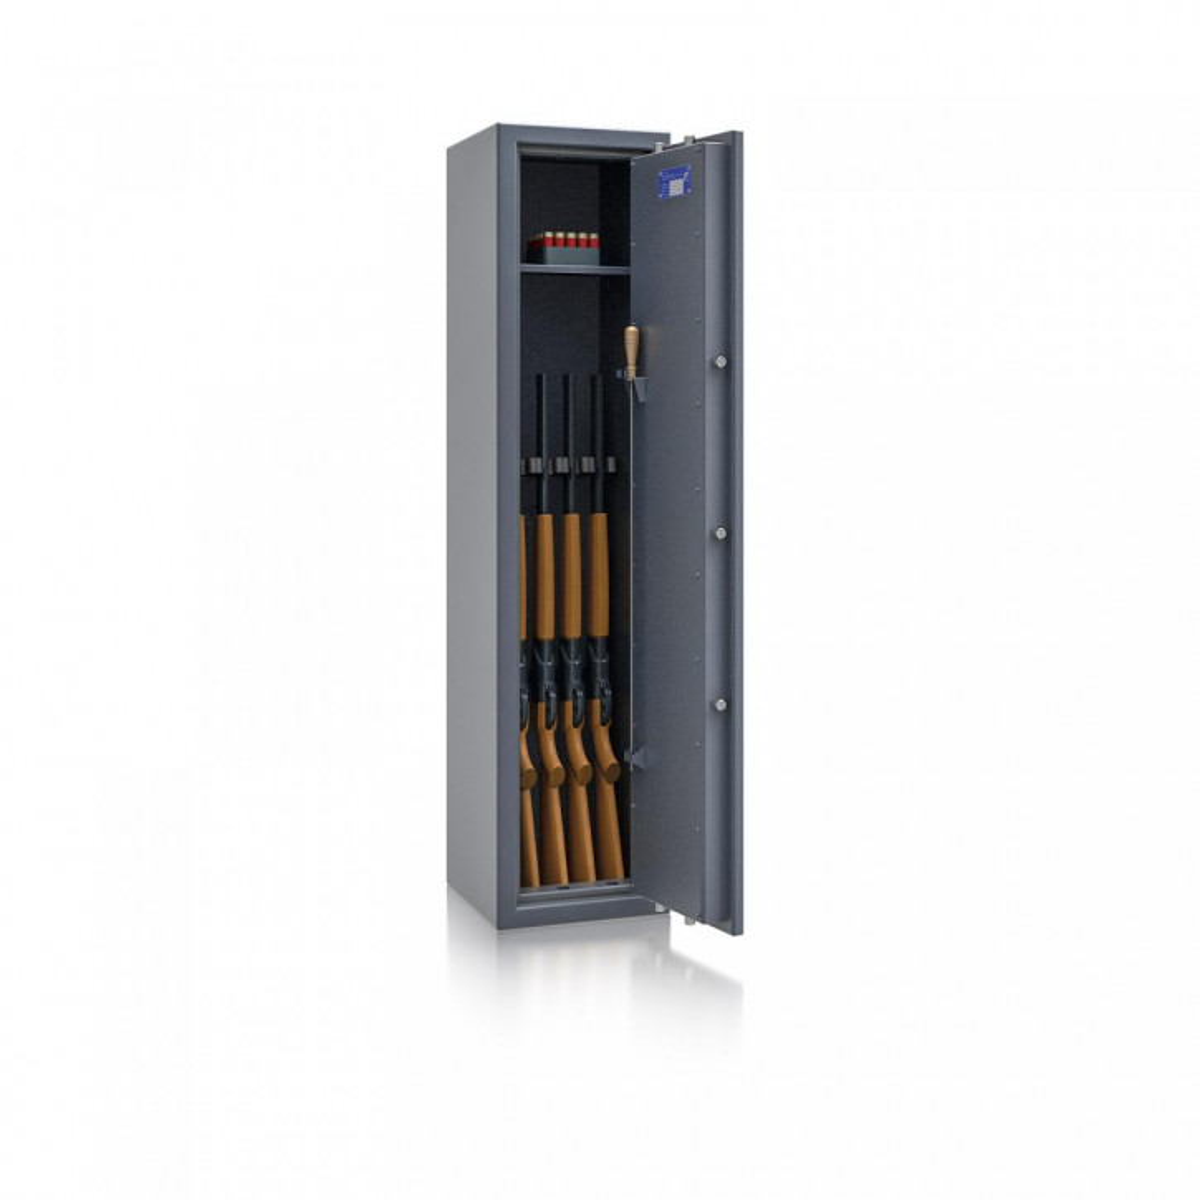 Waffenschrank St. Gallen WF NEW 3 - 1500x350x350 / 131kg 56472 / Klasse I / RAL7024 / Schlüssel / DIN R